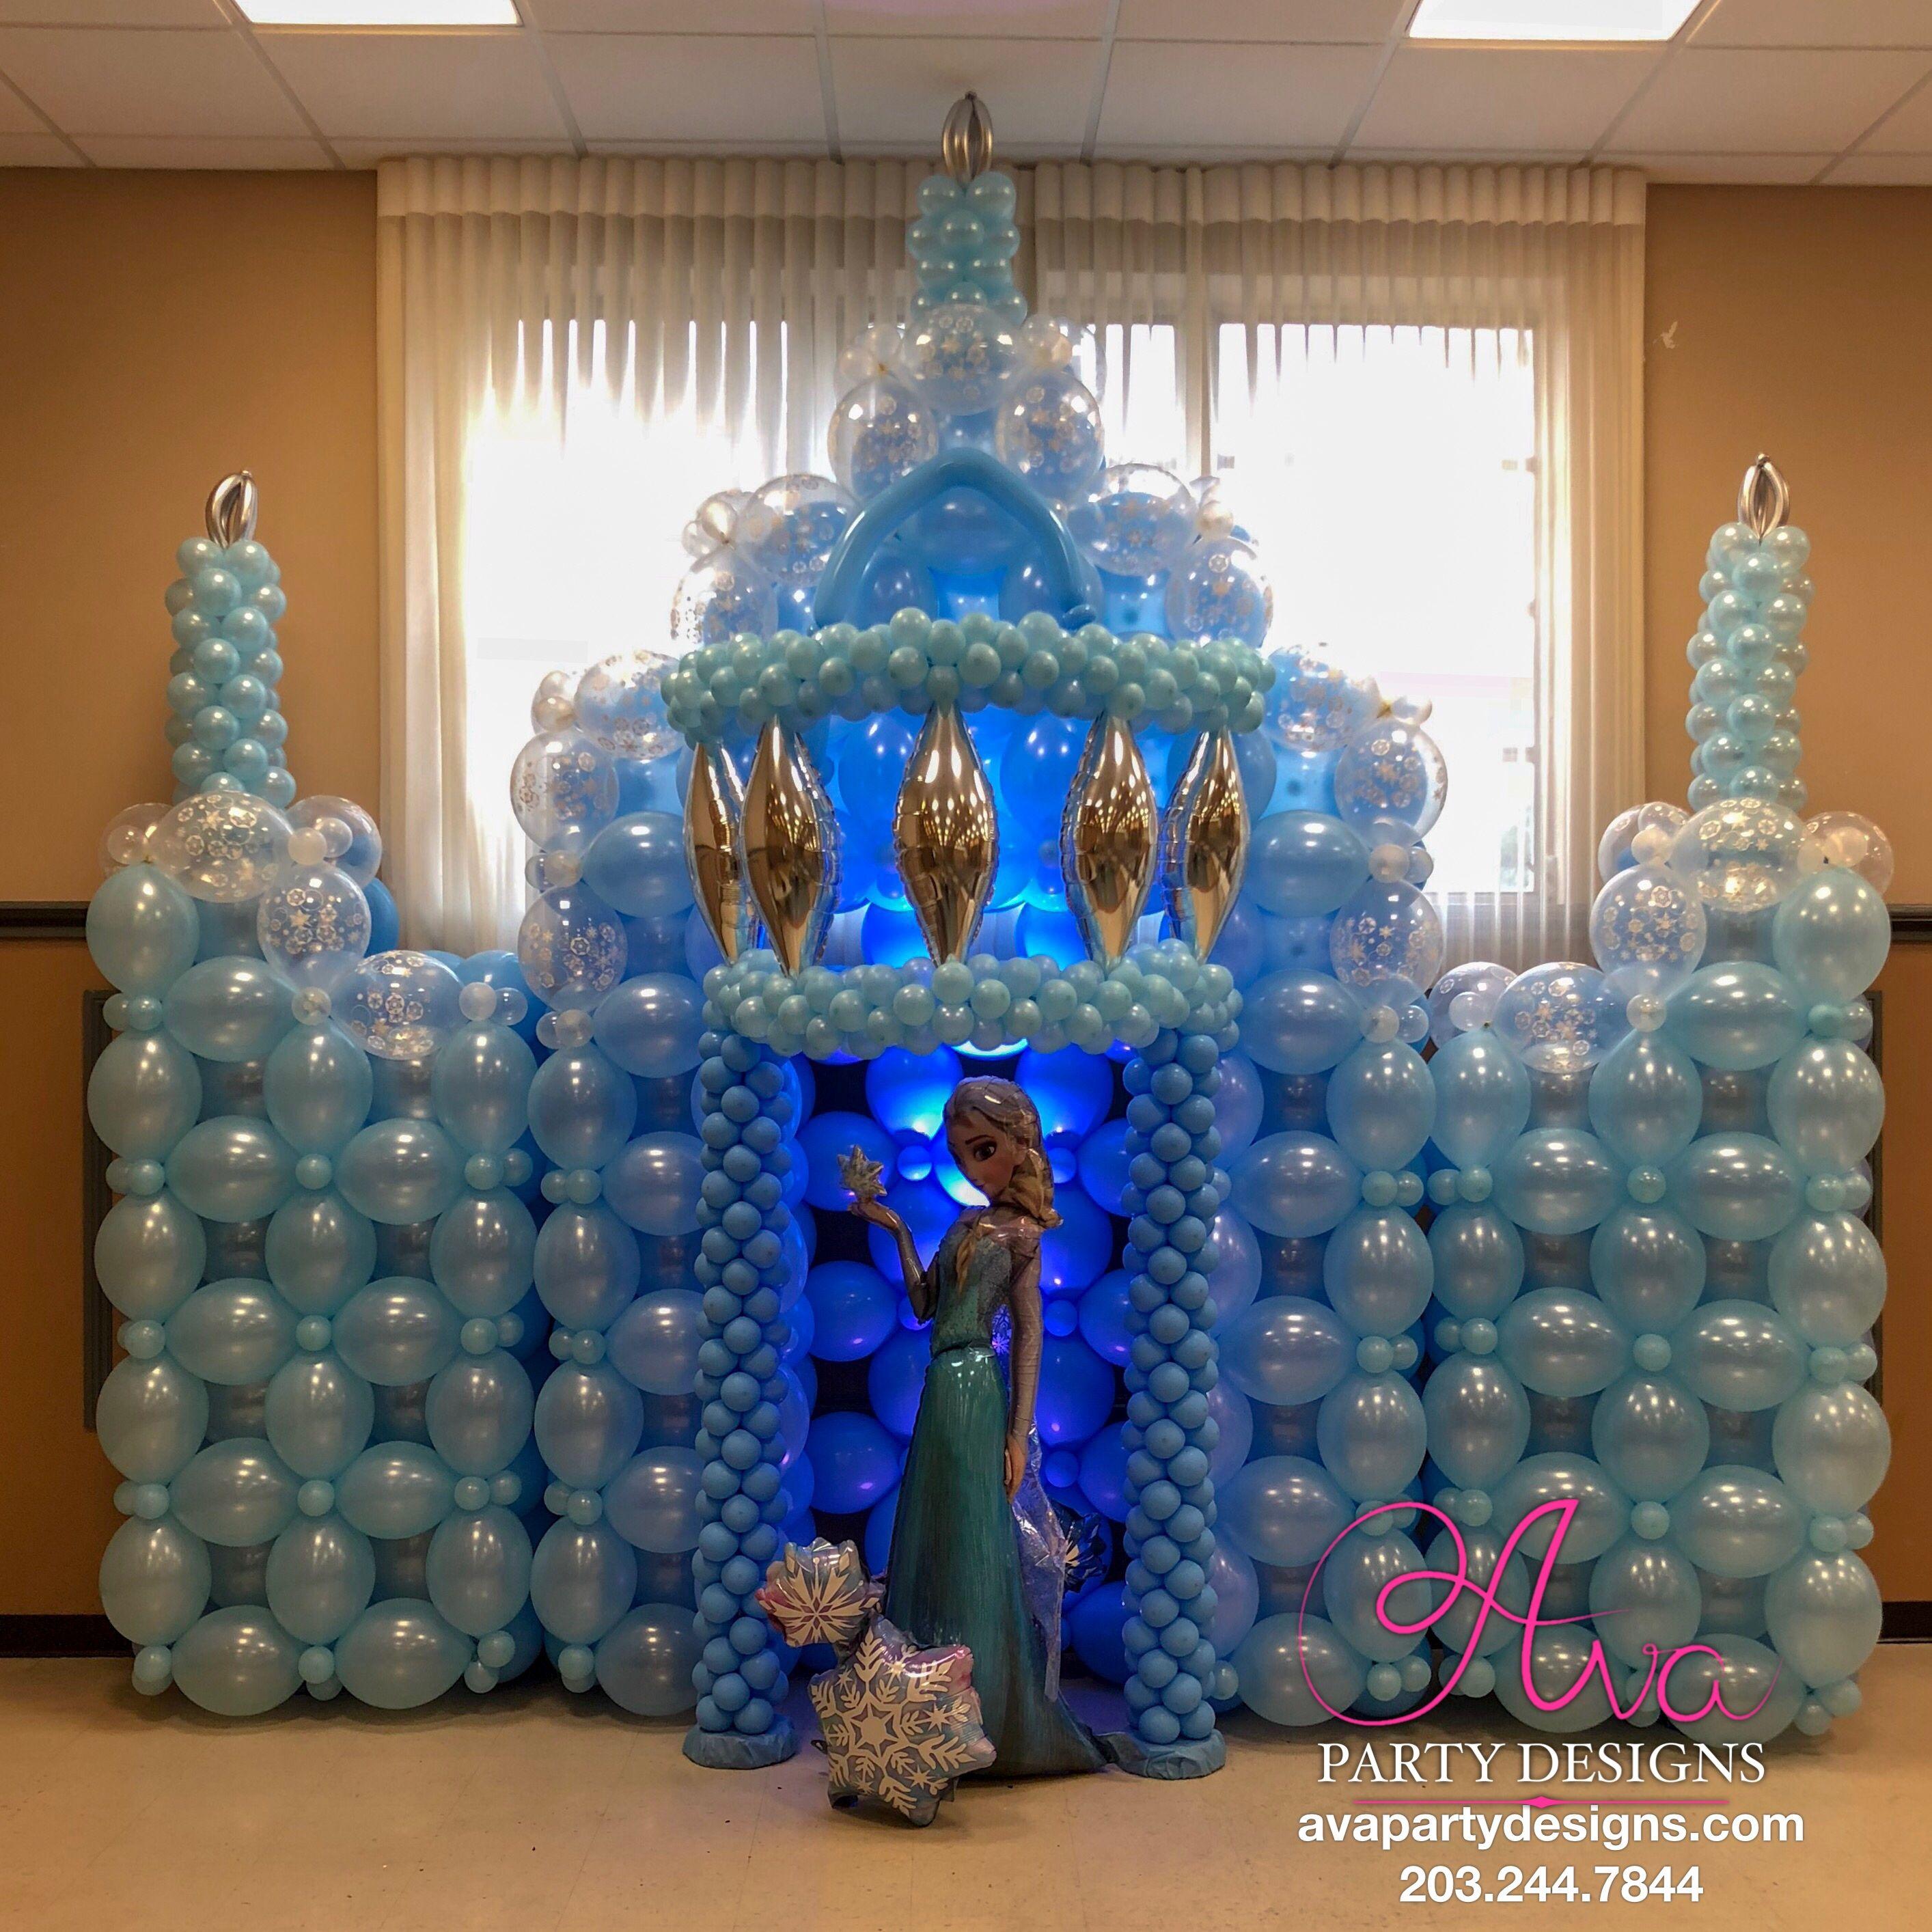 Balloon Castle Sculpture Frozen Ice Castle Balloon Decoration Balloon Backdrop Ideas Balloon Decorations Party Frozen Balloon Decorations Balloon Decorations